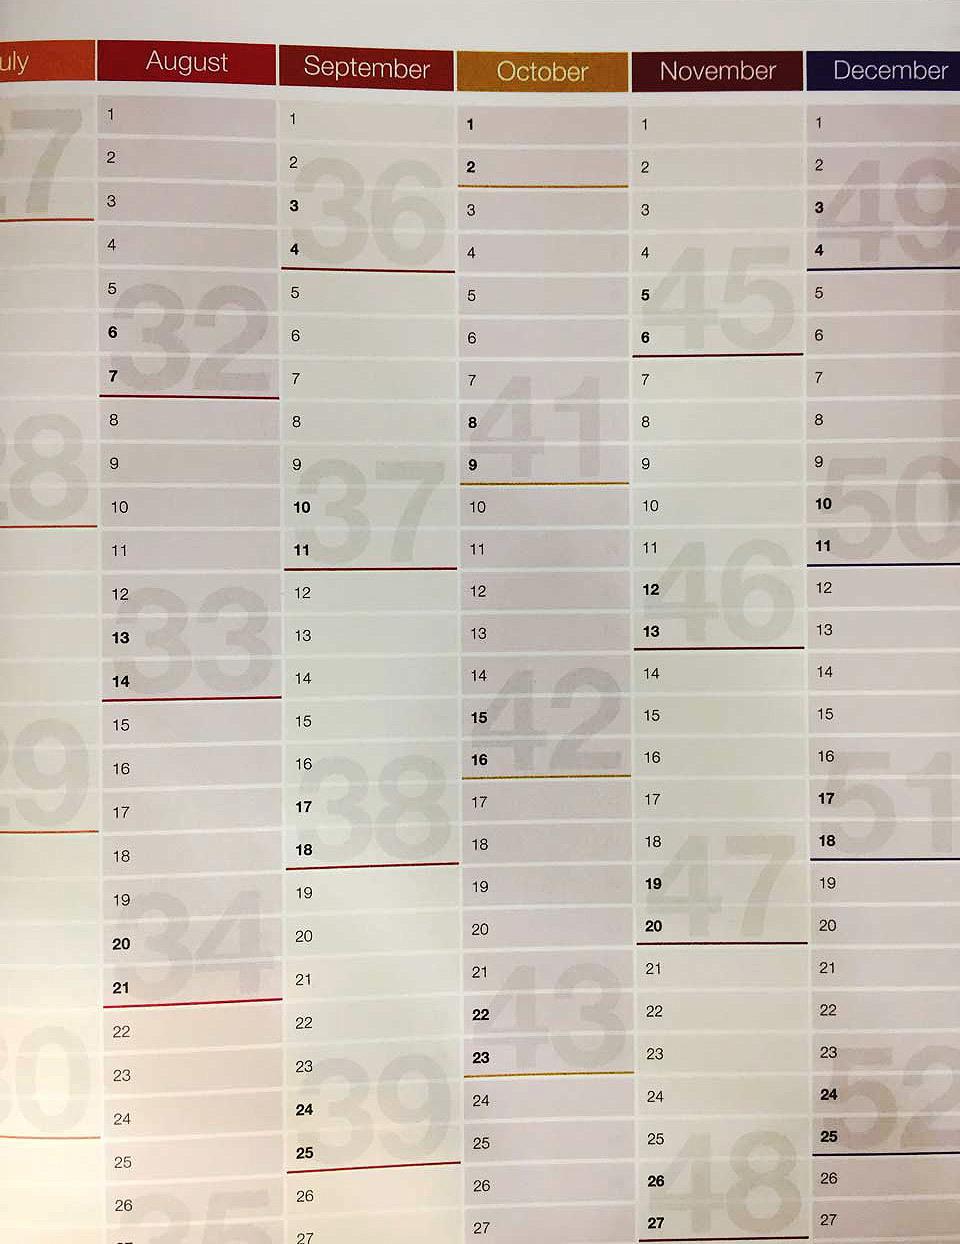 calendarioo DailyGreatness